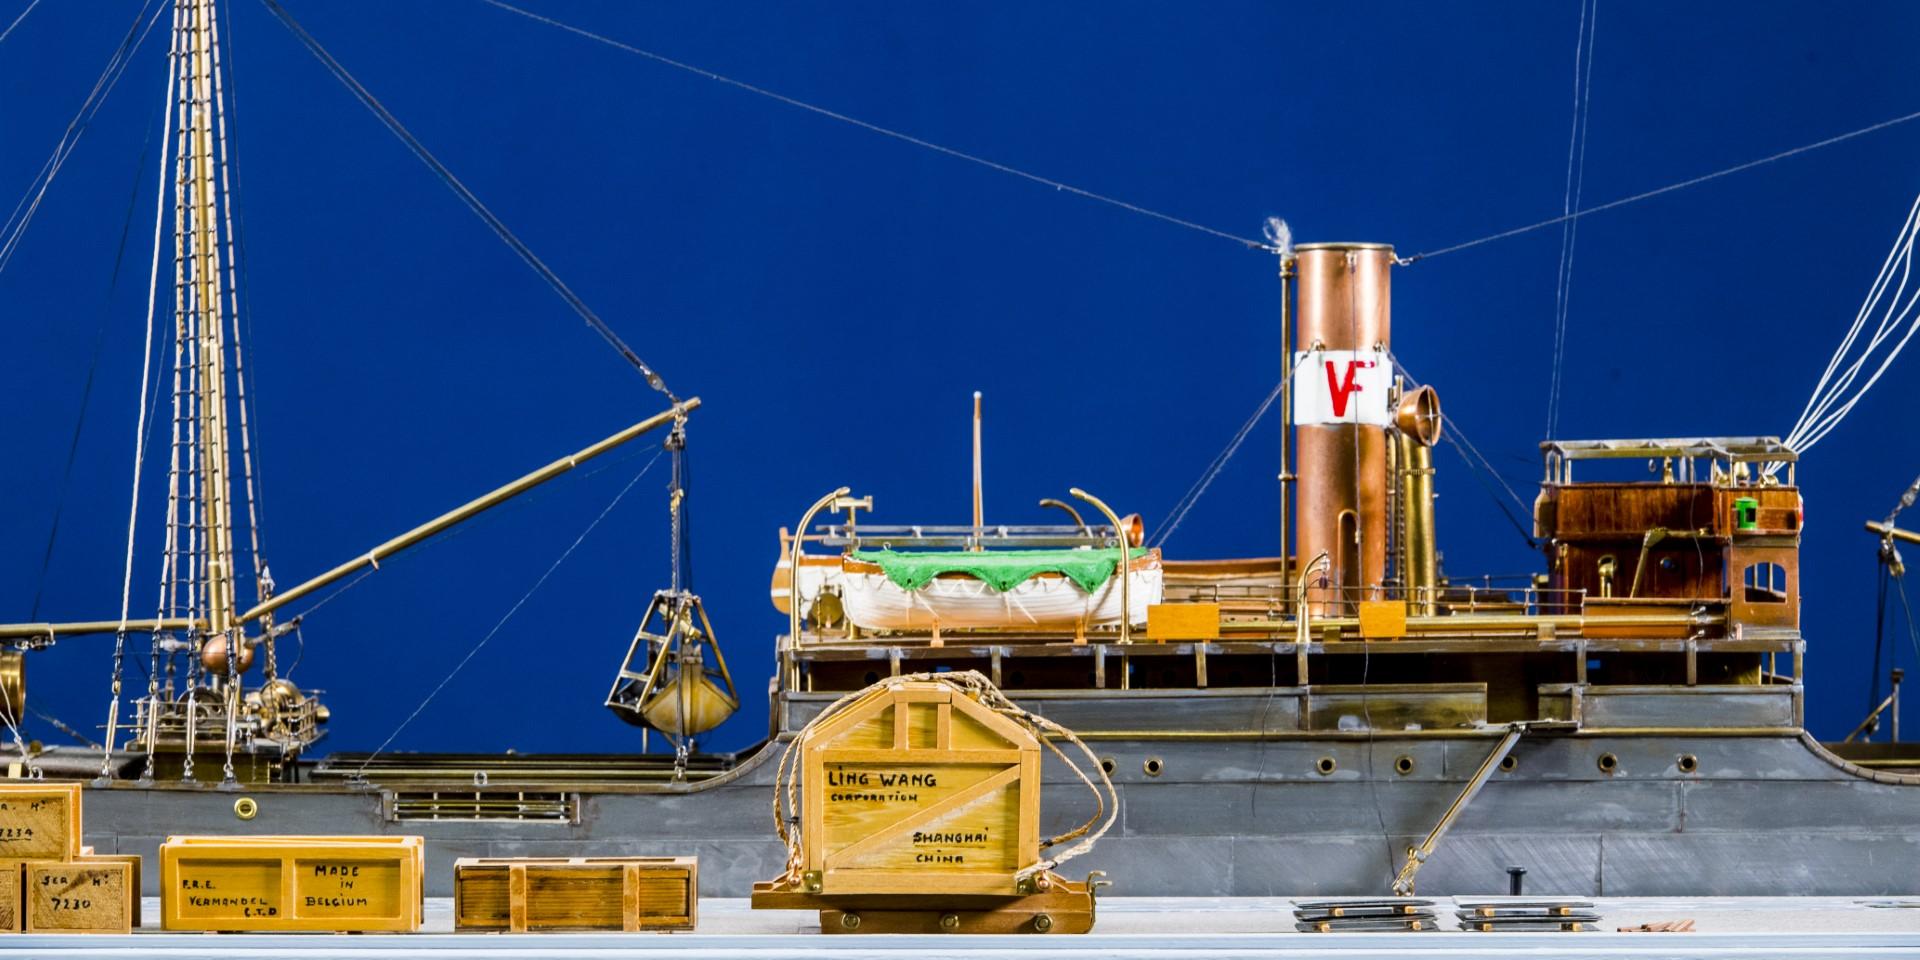 mast van een schip